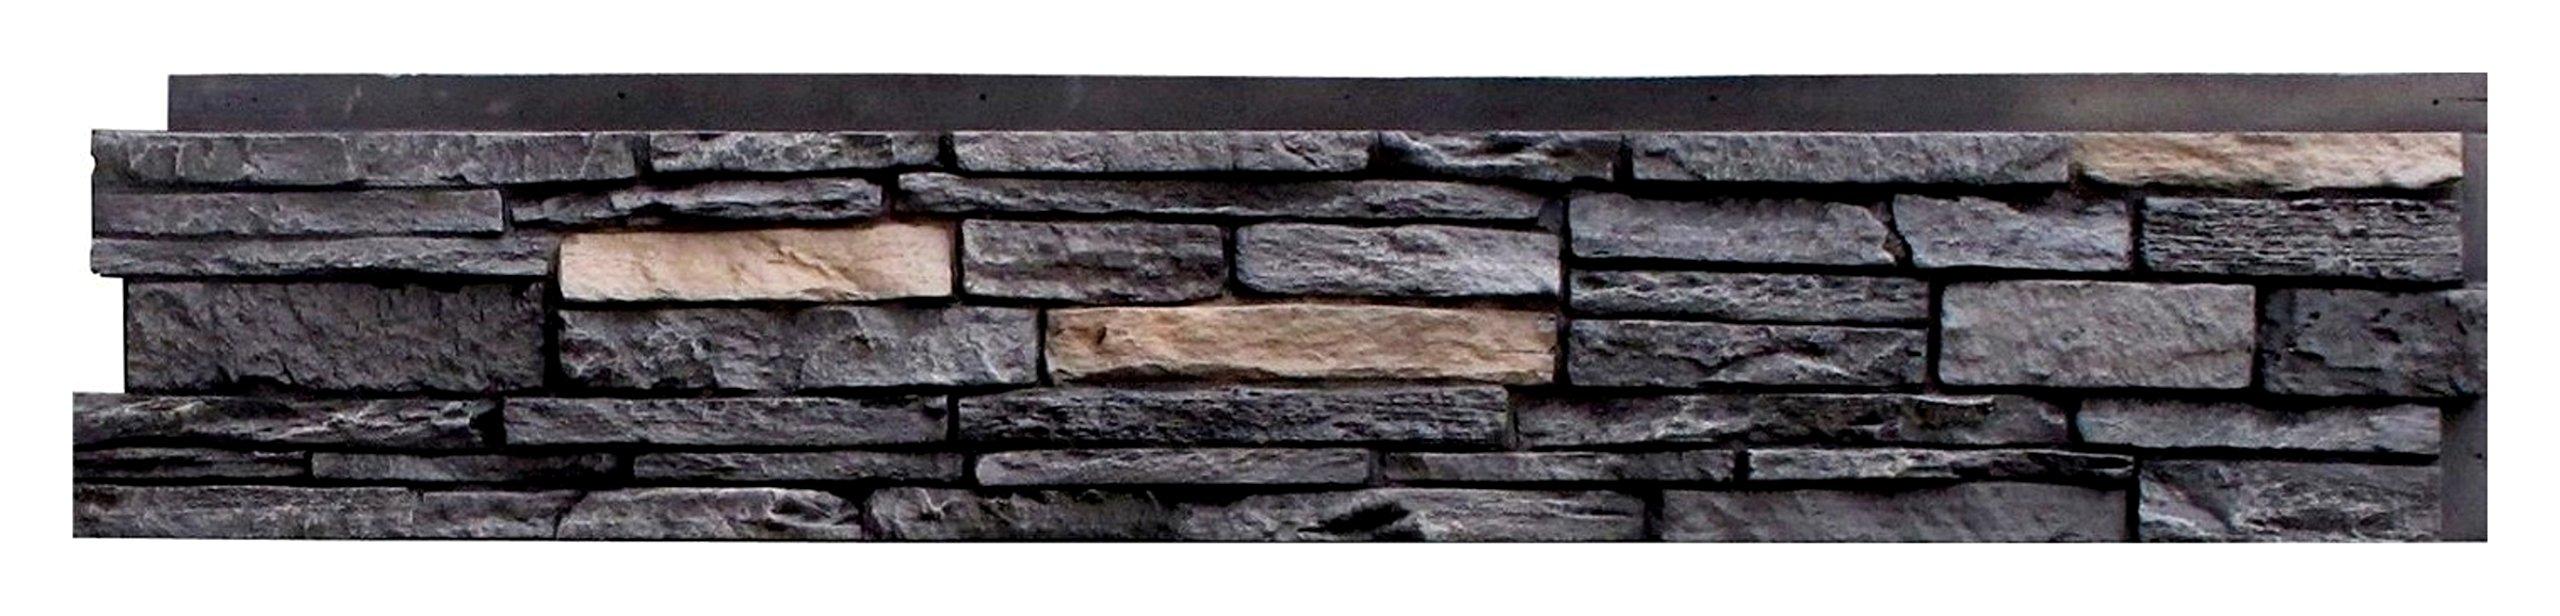 NextStone Slatestone Panel Onyx (8 Panels Per Box)(17.12 sq.ft Per Box)